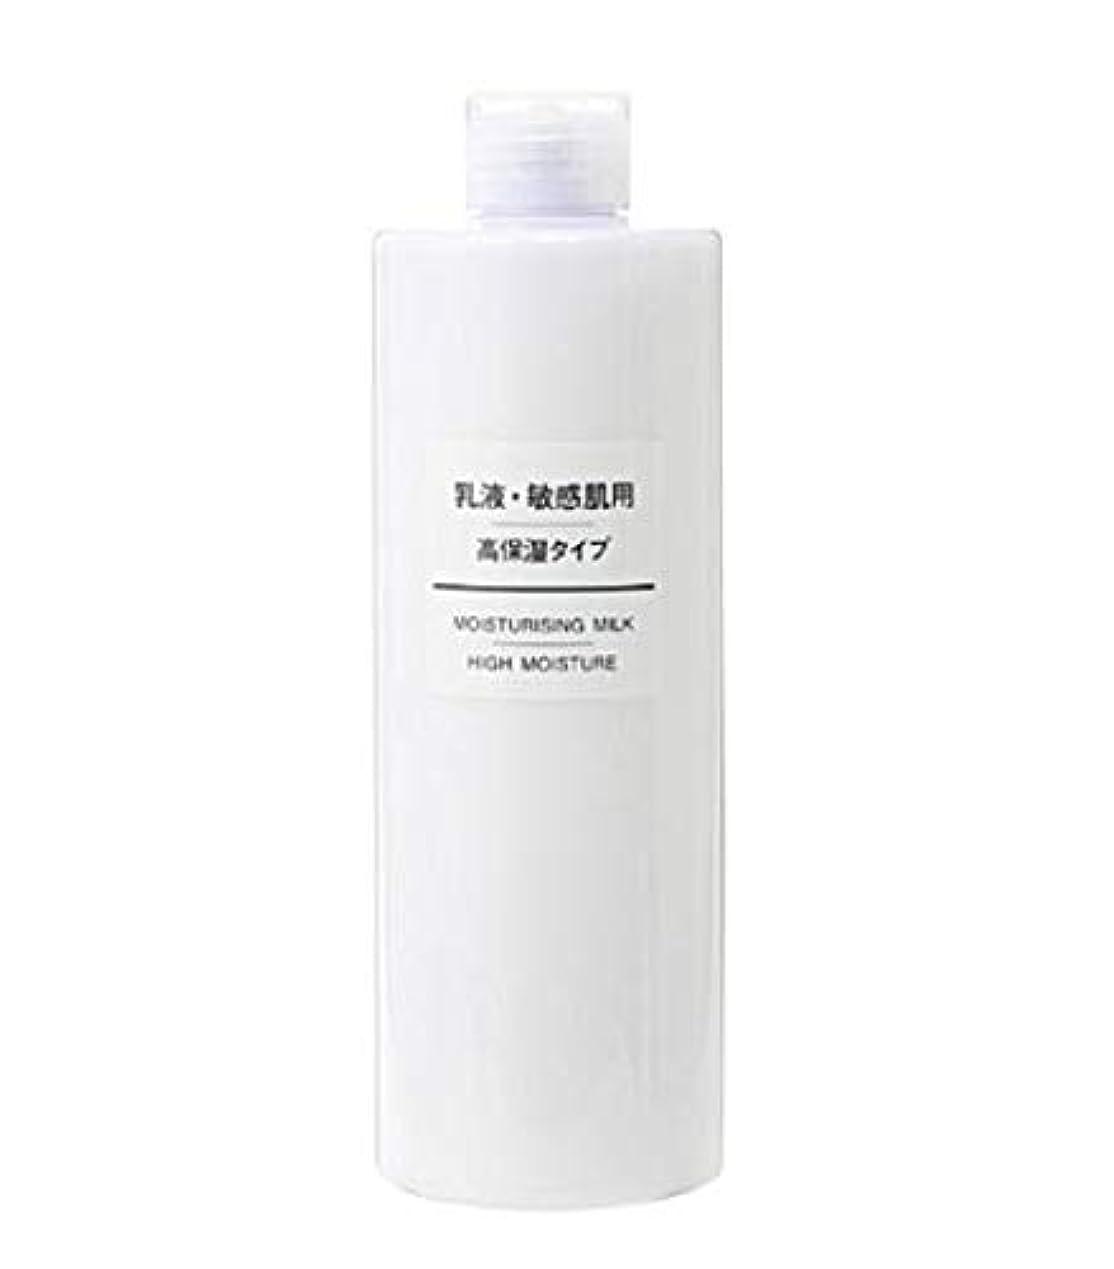 条約それら探す無印良品 乳液 敏感肌用 高保湿タイプ (大容量) 400ml